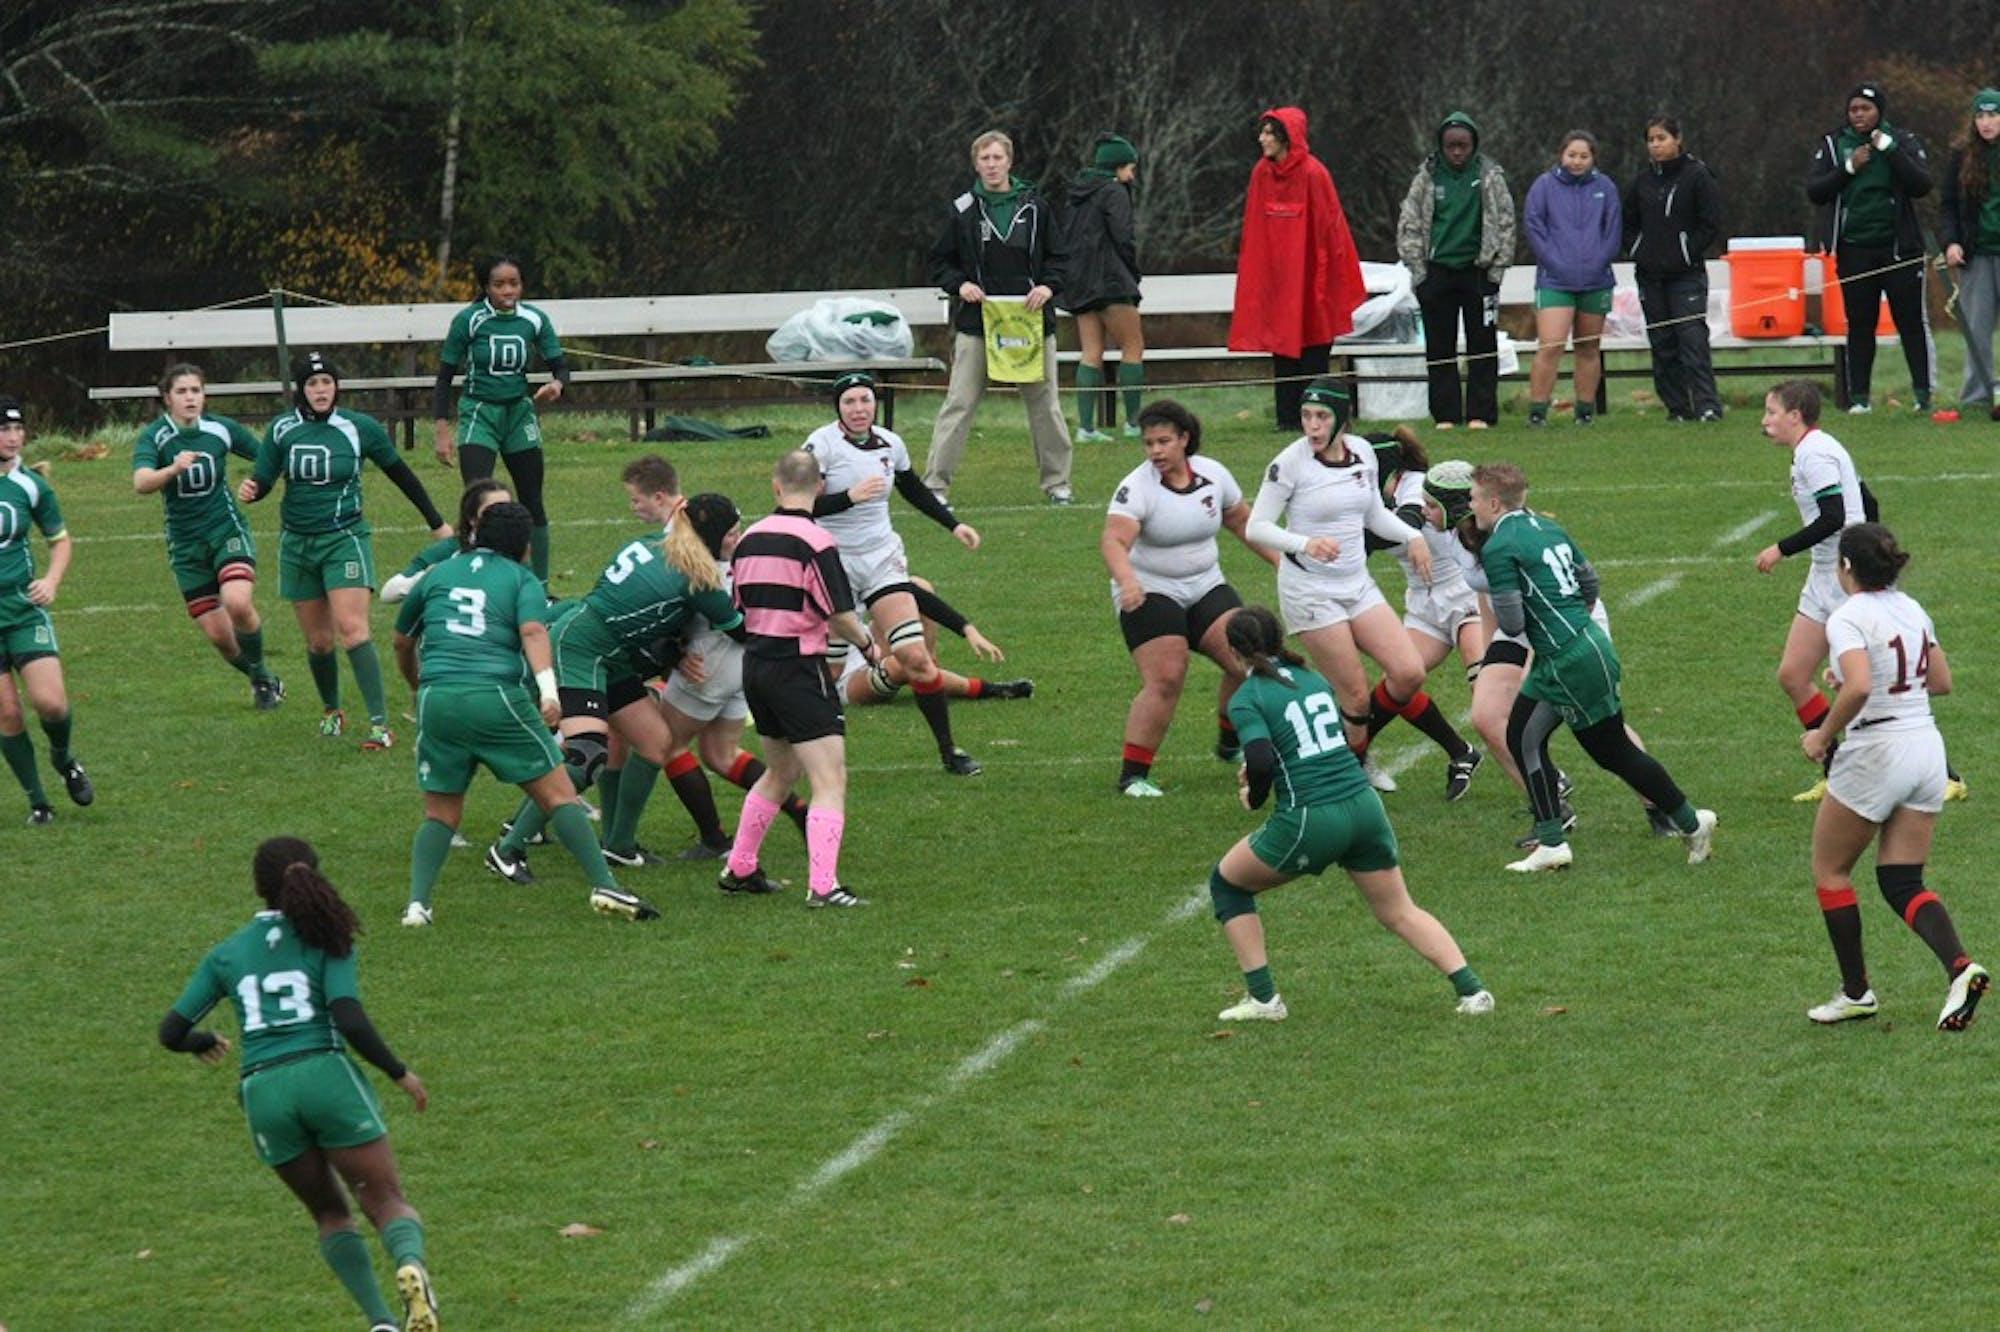 rugby1_tiffanyzhai